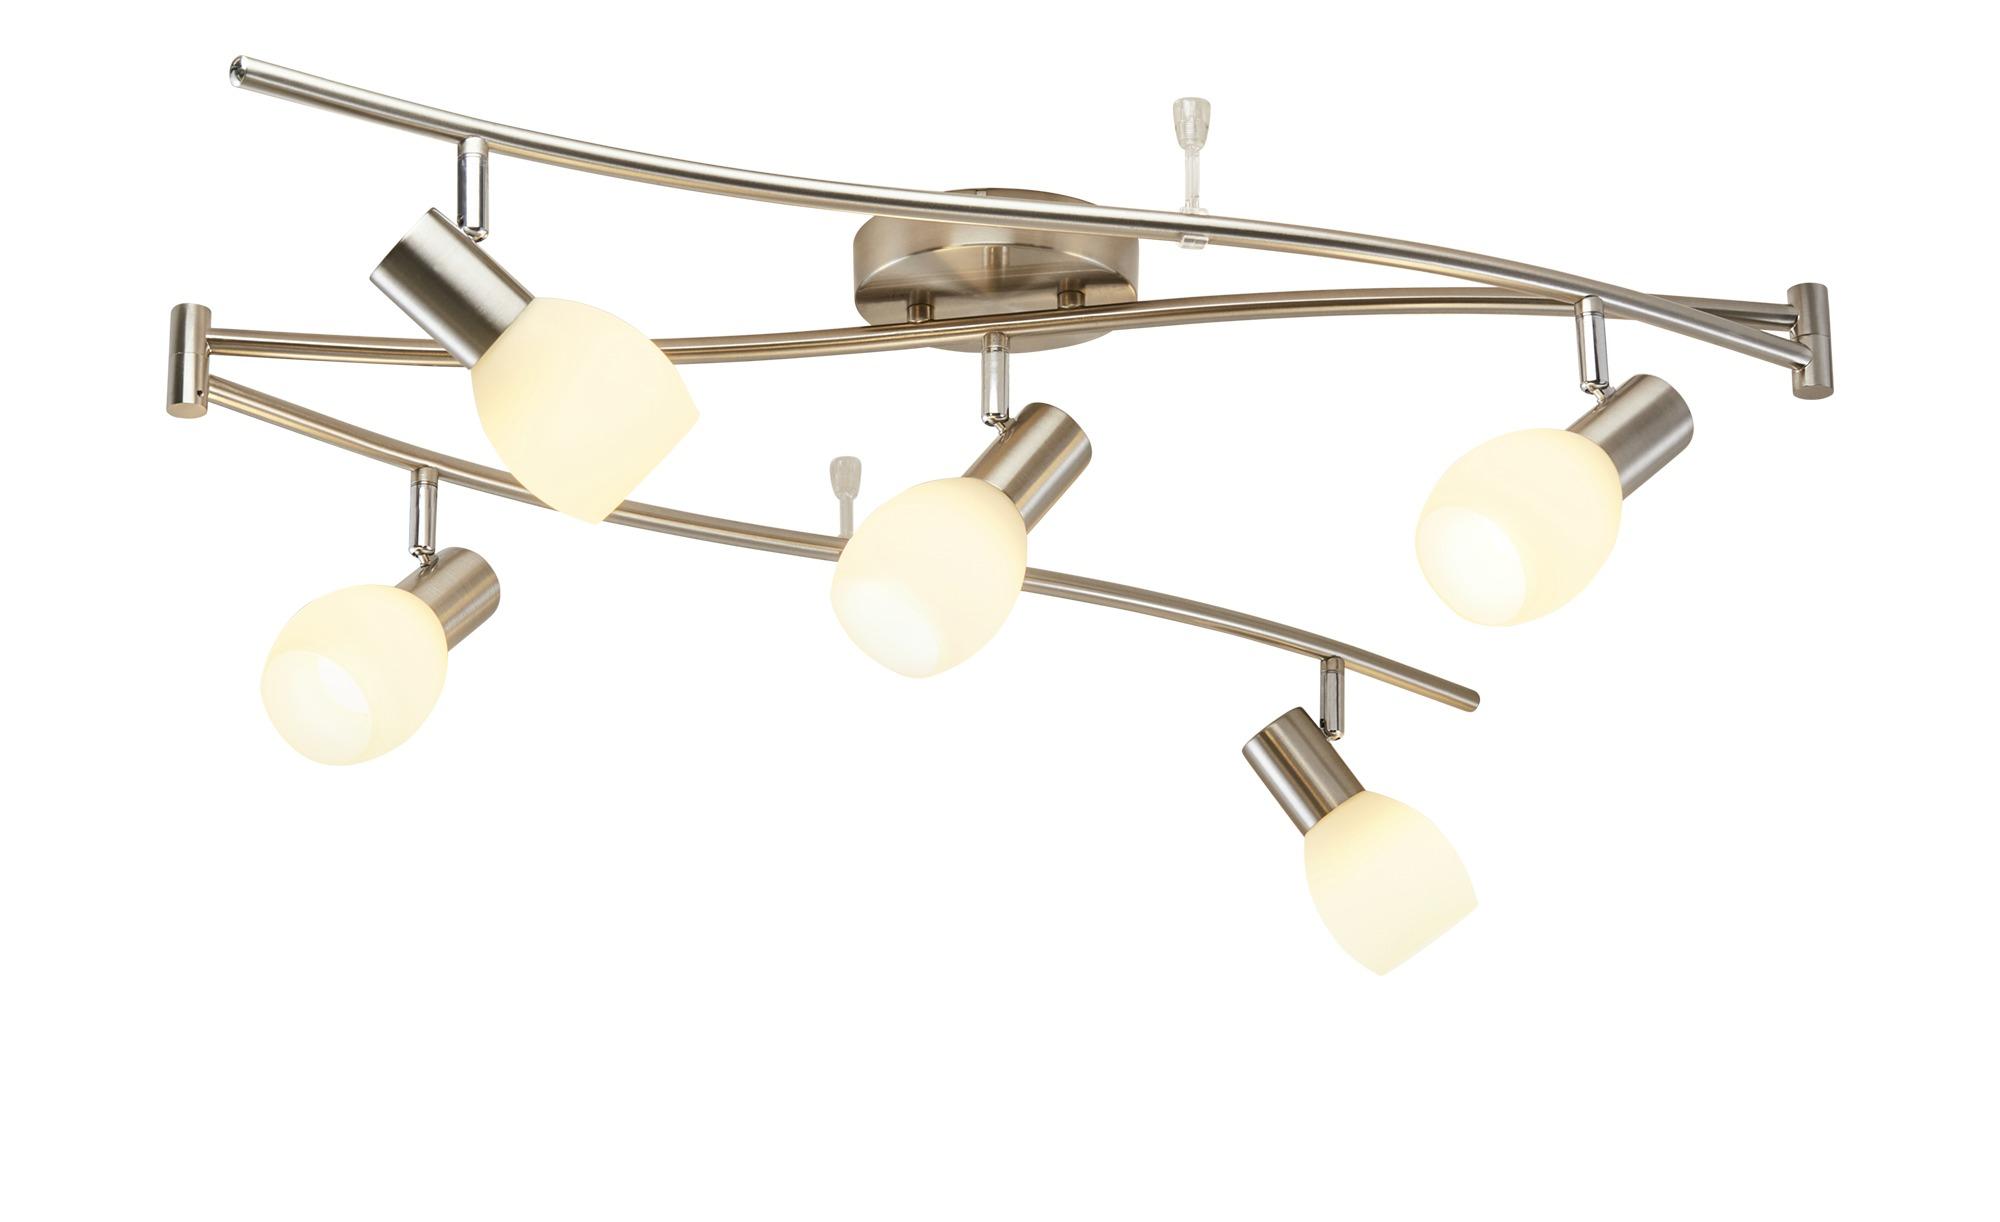 KHG Deckenstrahler, 5-flammig Nickel matt ¦ silber ¦ Maße (cm): B: 13 H: 23 Lampen & Leuchten > LED-Leuchten > LED-Strahler & Spots - Höffner